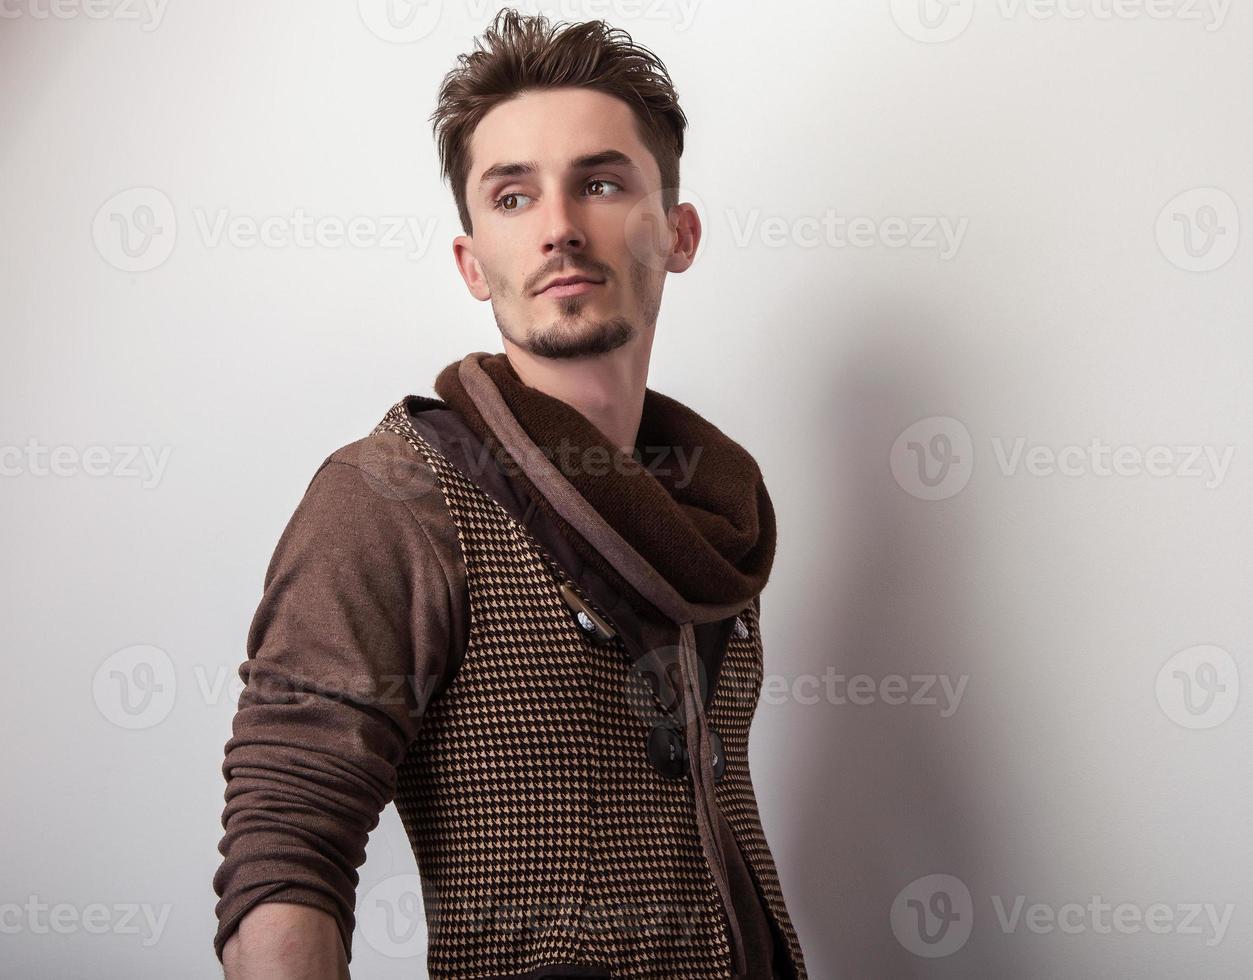 attraktiver junger Mann in einer braunen Pulloverpose im Studio. foto